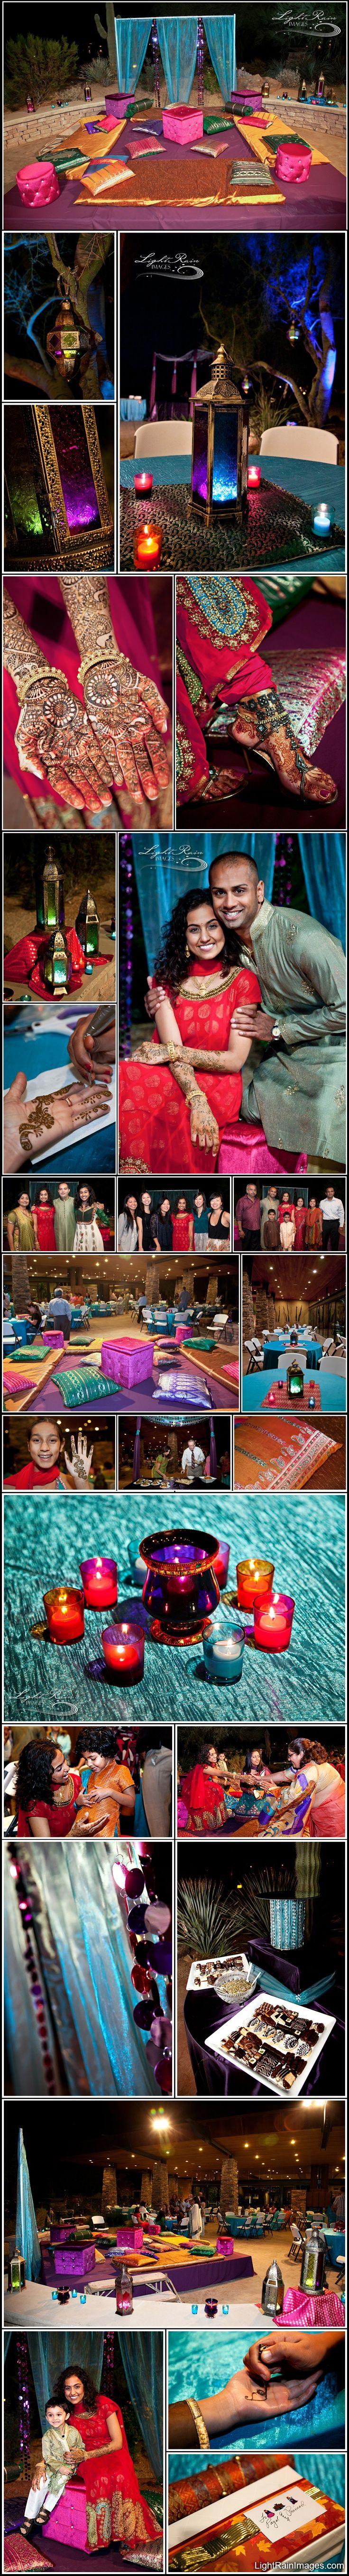 Jago/Sangeet Setup. Indian wedding. #shaadibazaar, #indianwedding: